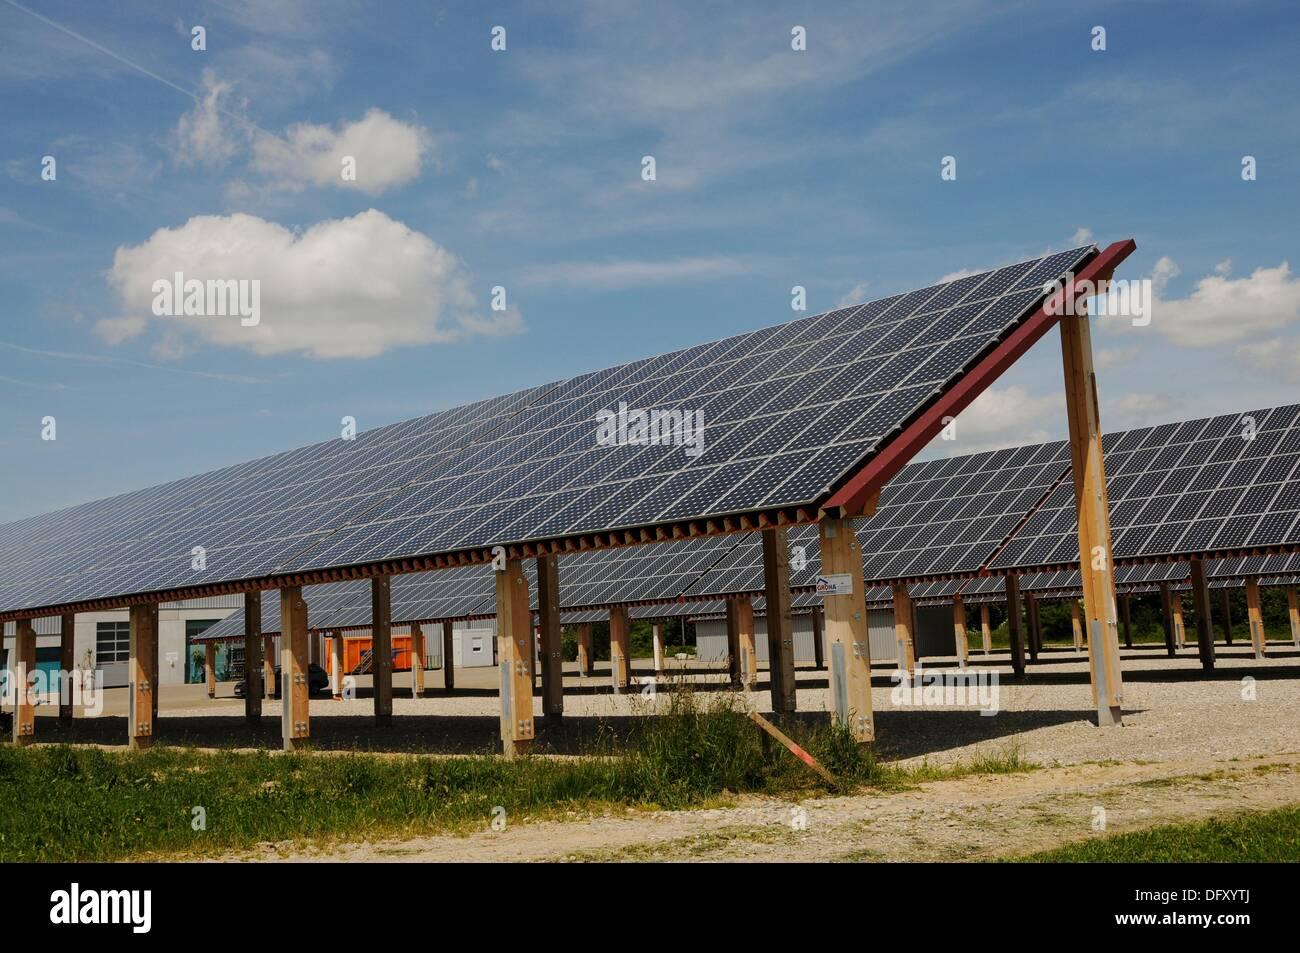 Solar Powerstation Stock Photo: 61443554 - Alamy